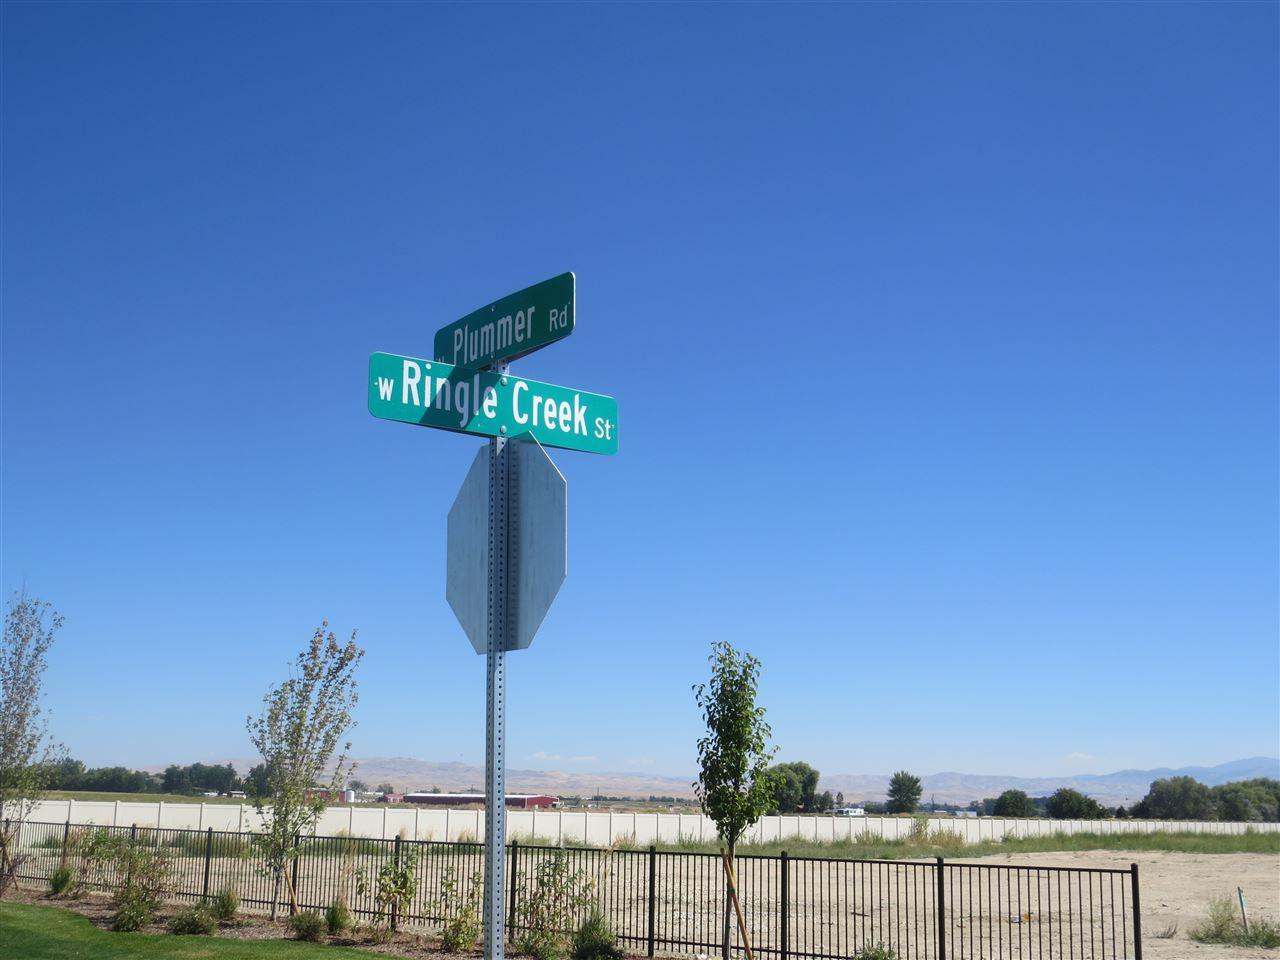 9363 W Ringle Creek St., Star, ID 83669